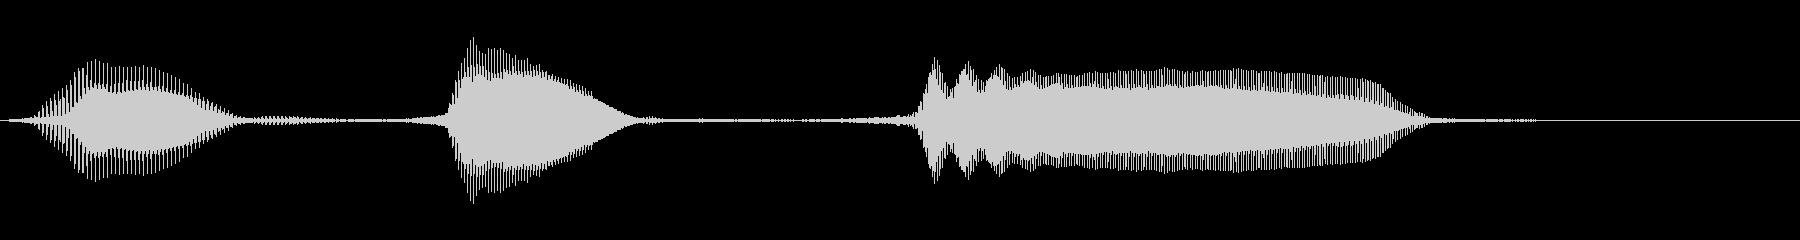 ハーモニカ:短パンクチュエーション...の未再生の波形